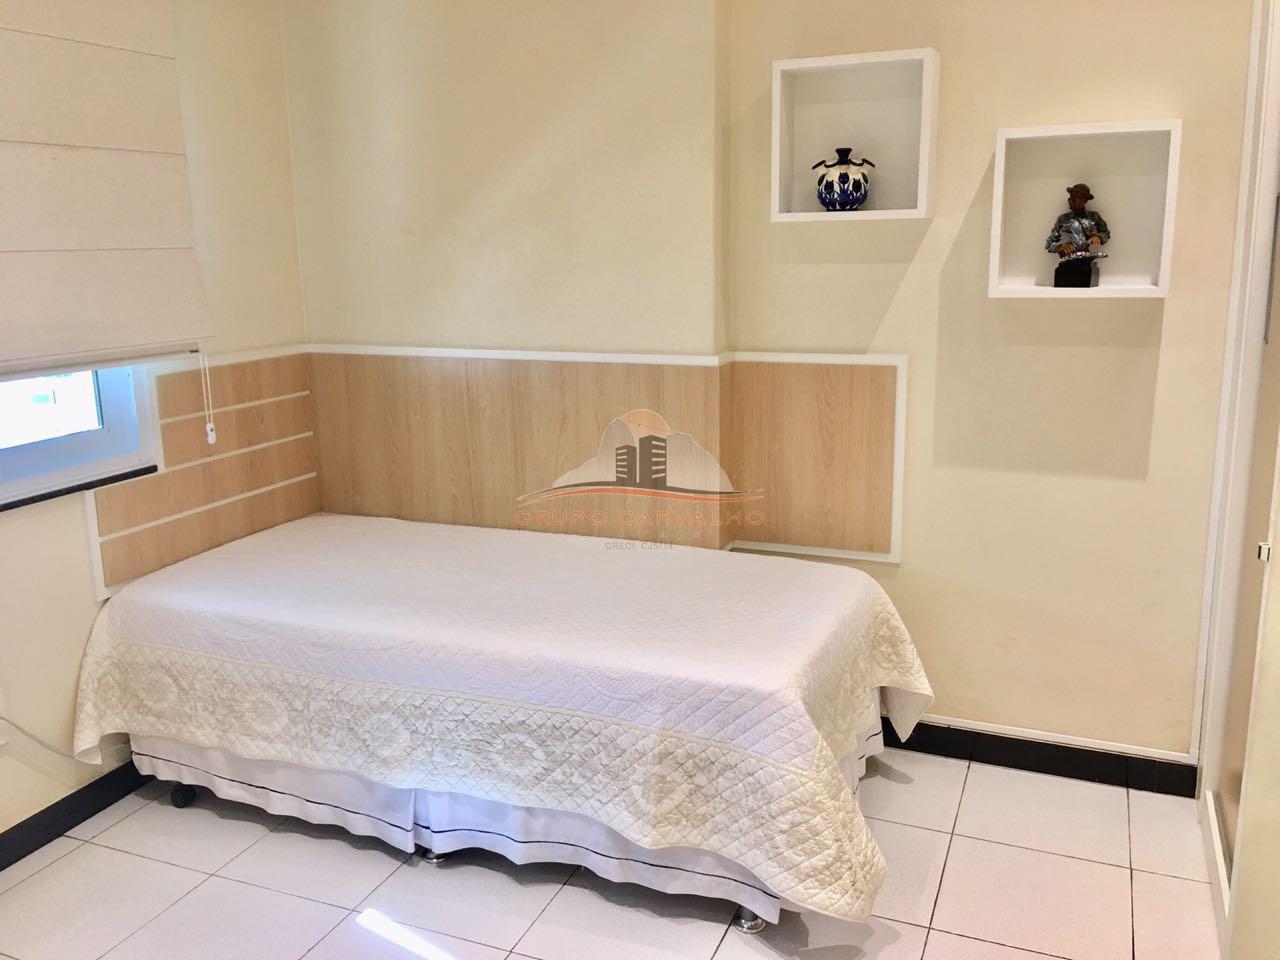 Apartamento à venda Rua Visconde de Pirajá,Rio de Janeiro,RJ - R$ 1.680.000 - CJI3874 - 16